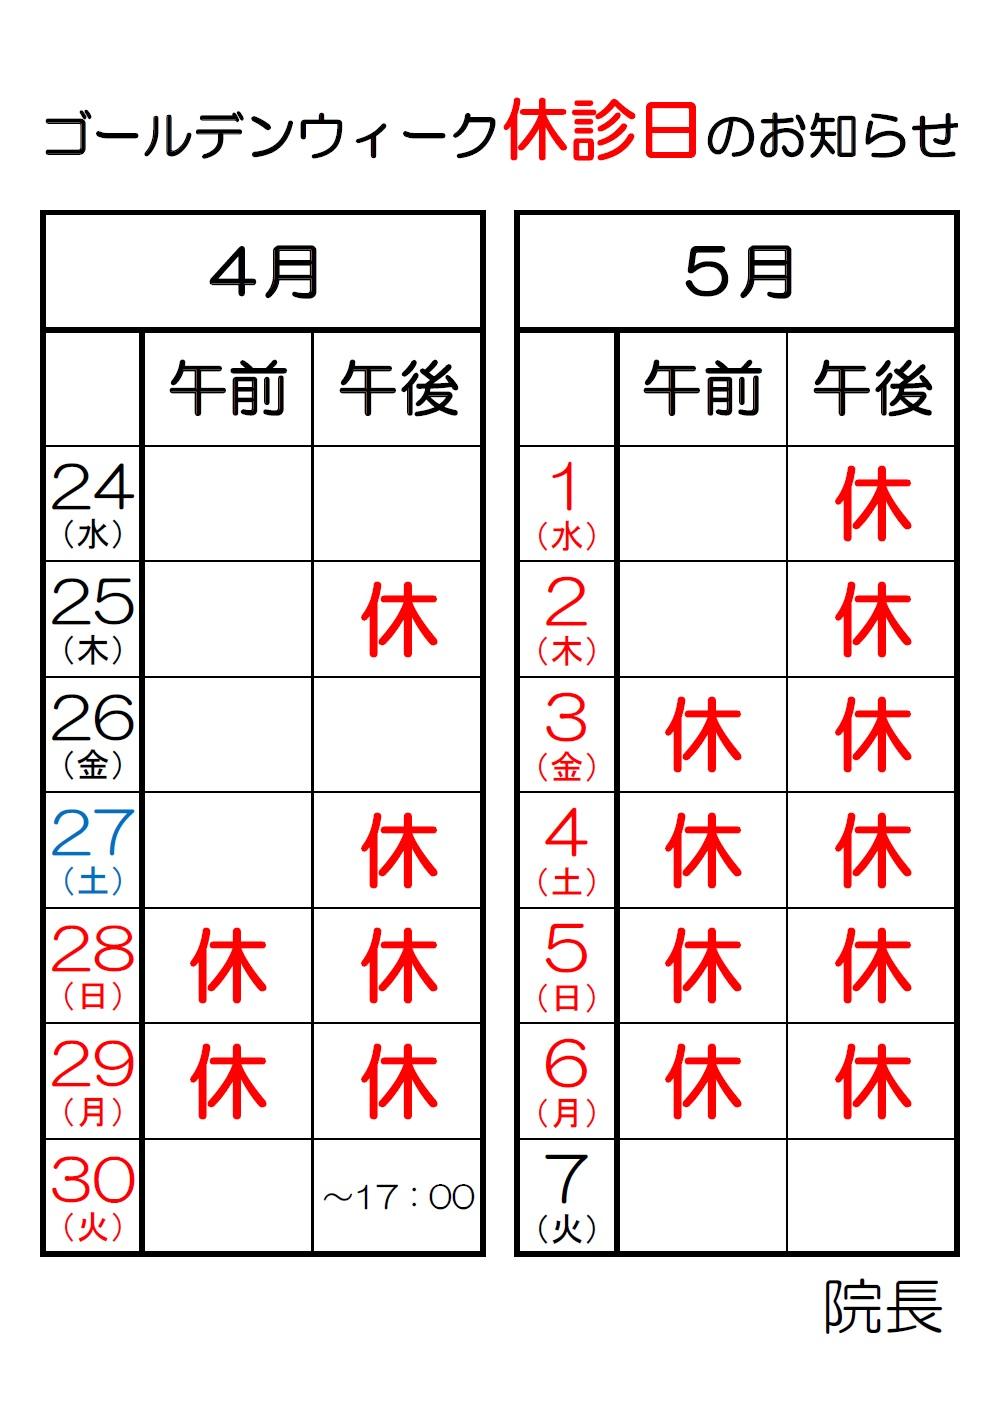 ゴールデンウィーク休診日のお知らせ_谷川クリニック